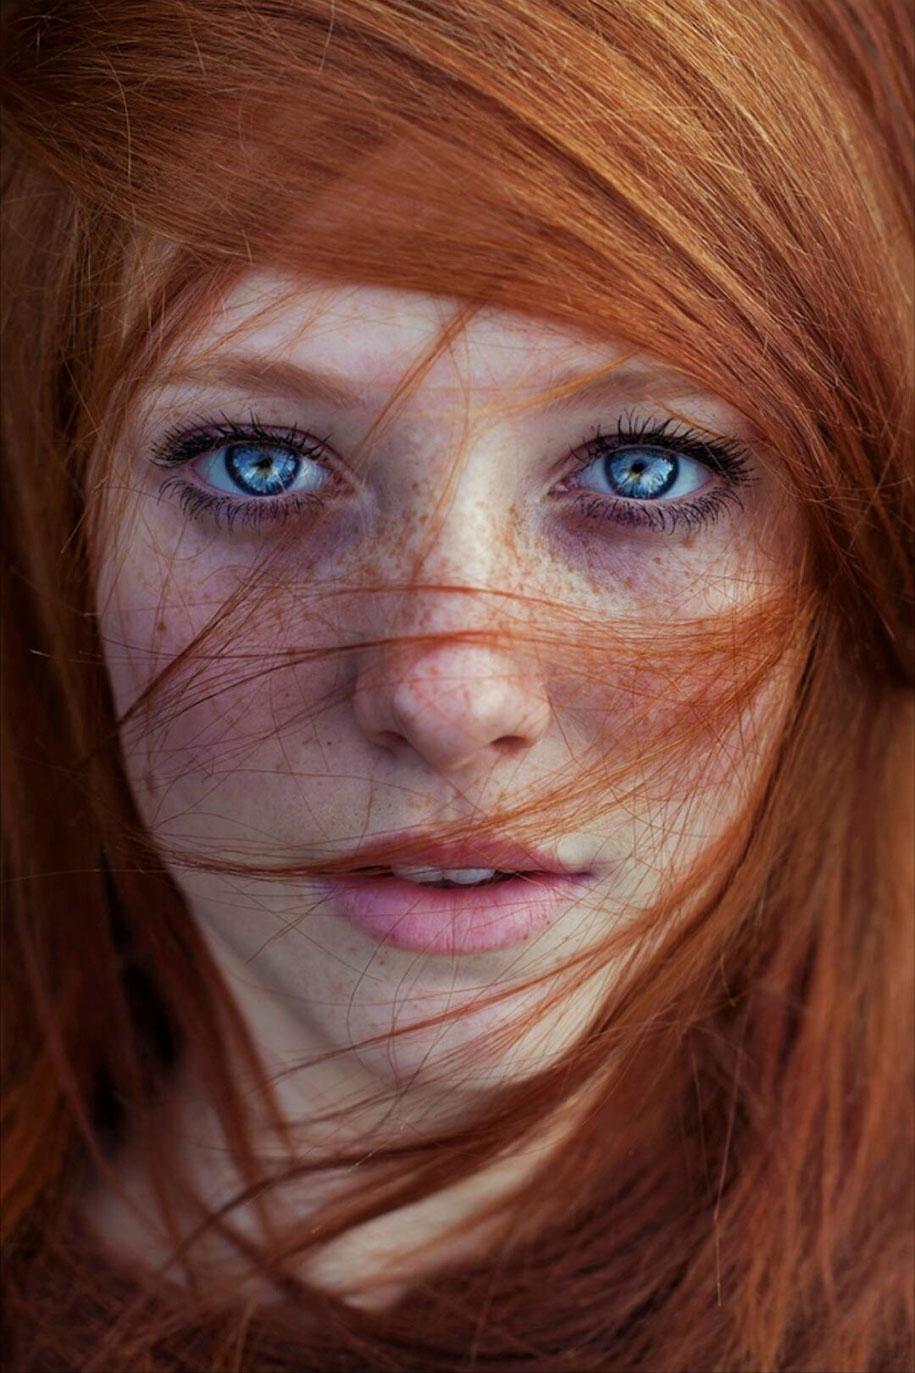 foto-ragazze-capelli-rossi-lentiggini-fiori-maja-topcagic-01